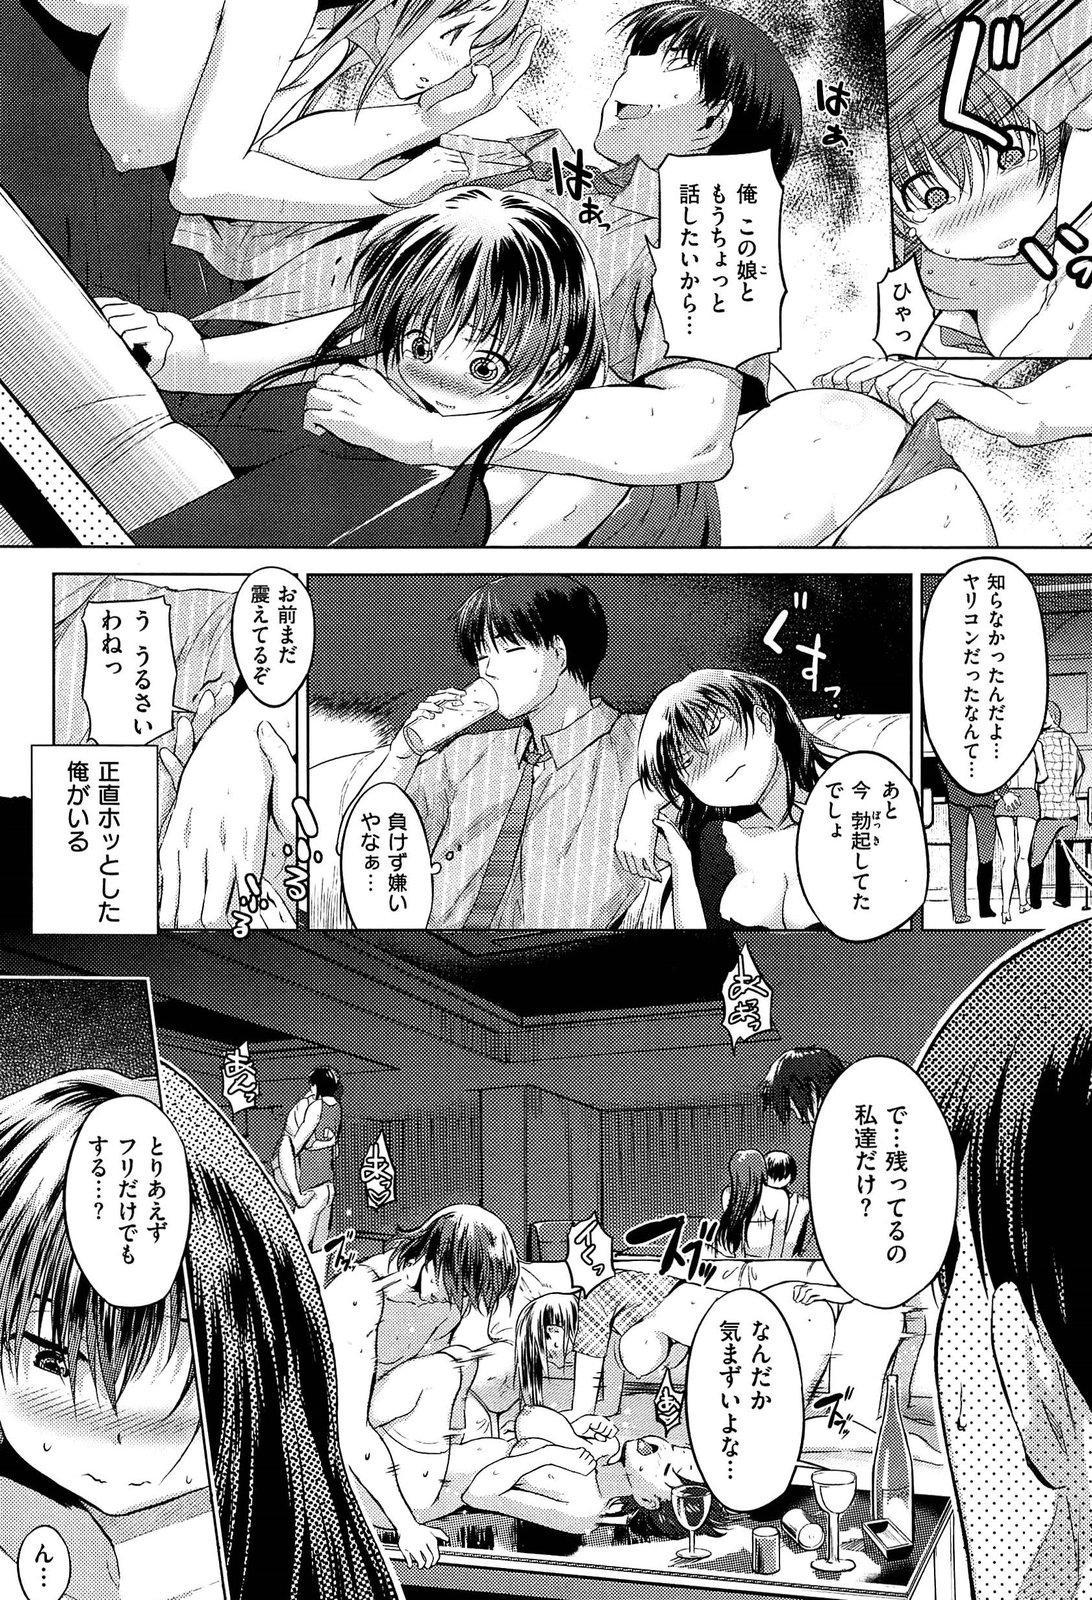 Hatsukoi Swap 151